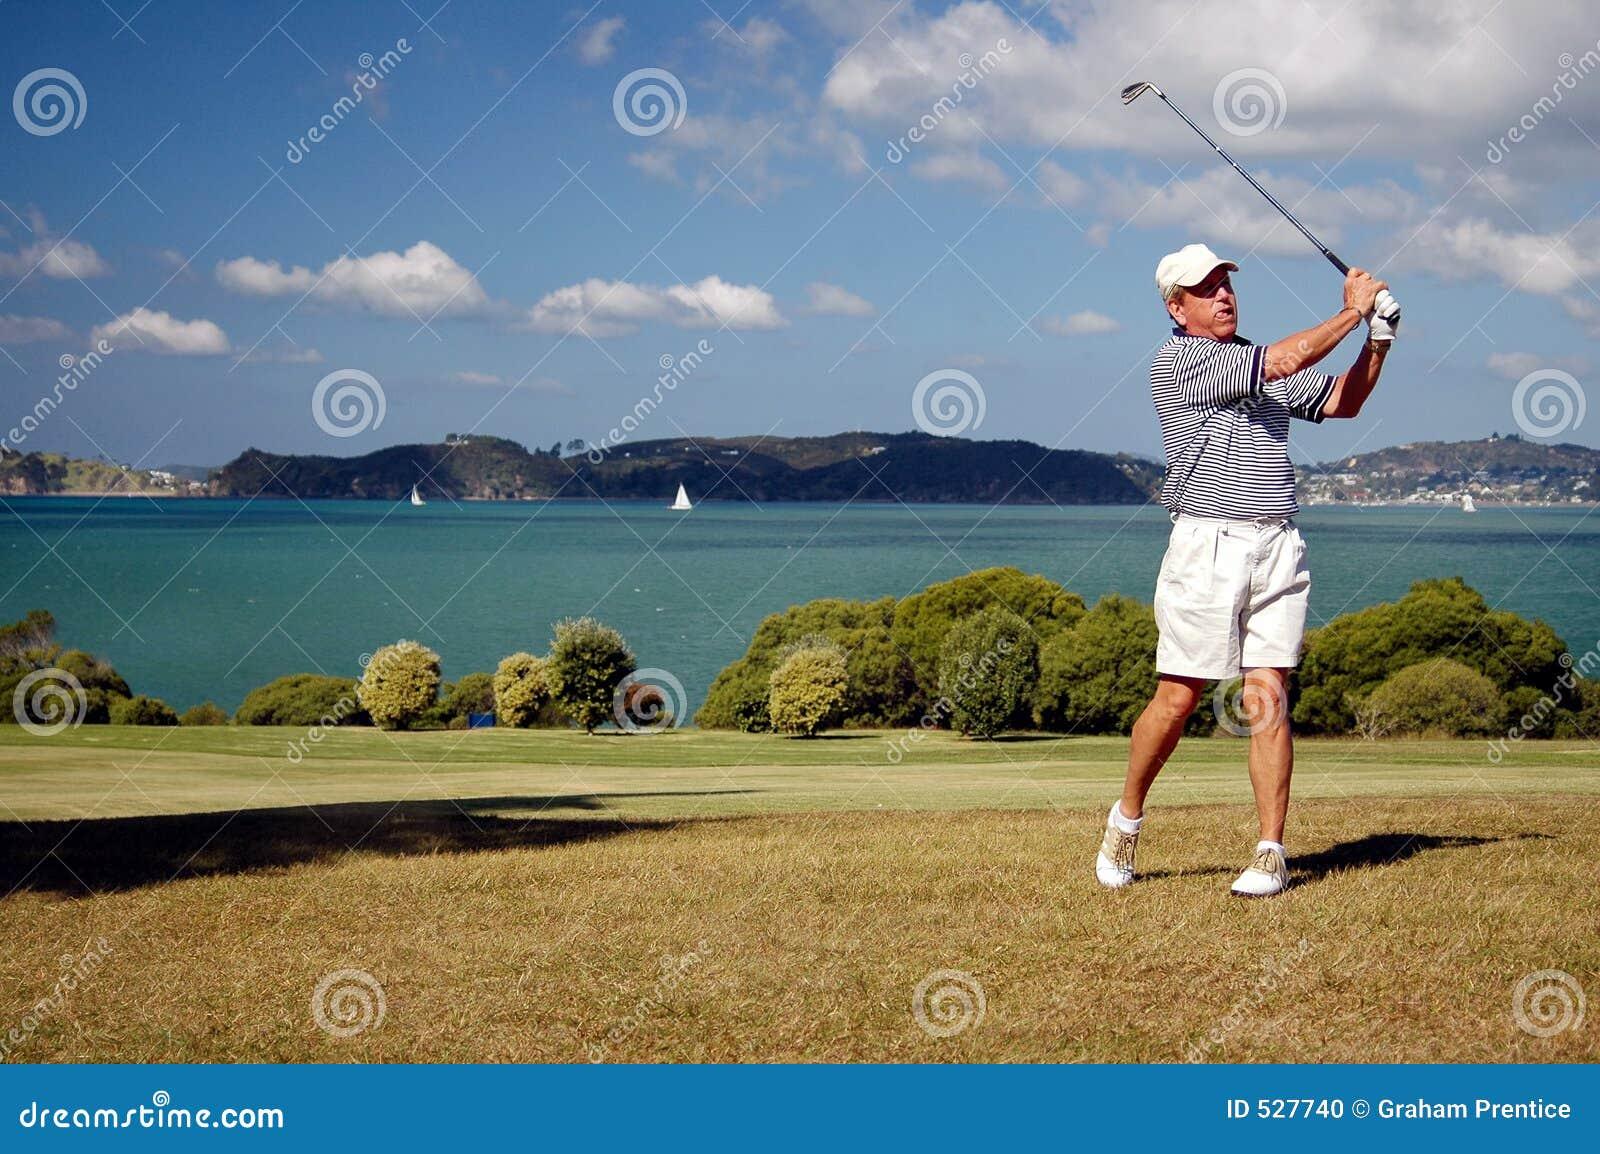 Download 高尔夫球铁冲程 库存照片. 图片 包括有 竹子, 和平, 粗砺, 命中, 港口, 小船, 体育运动, 海岸线 - 527740